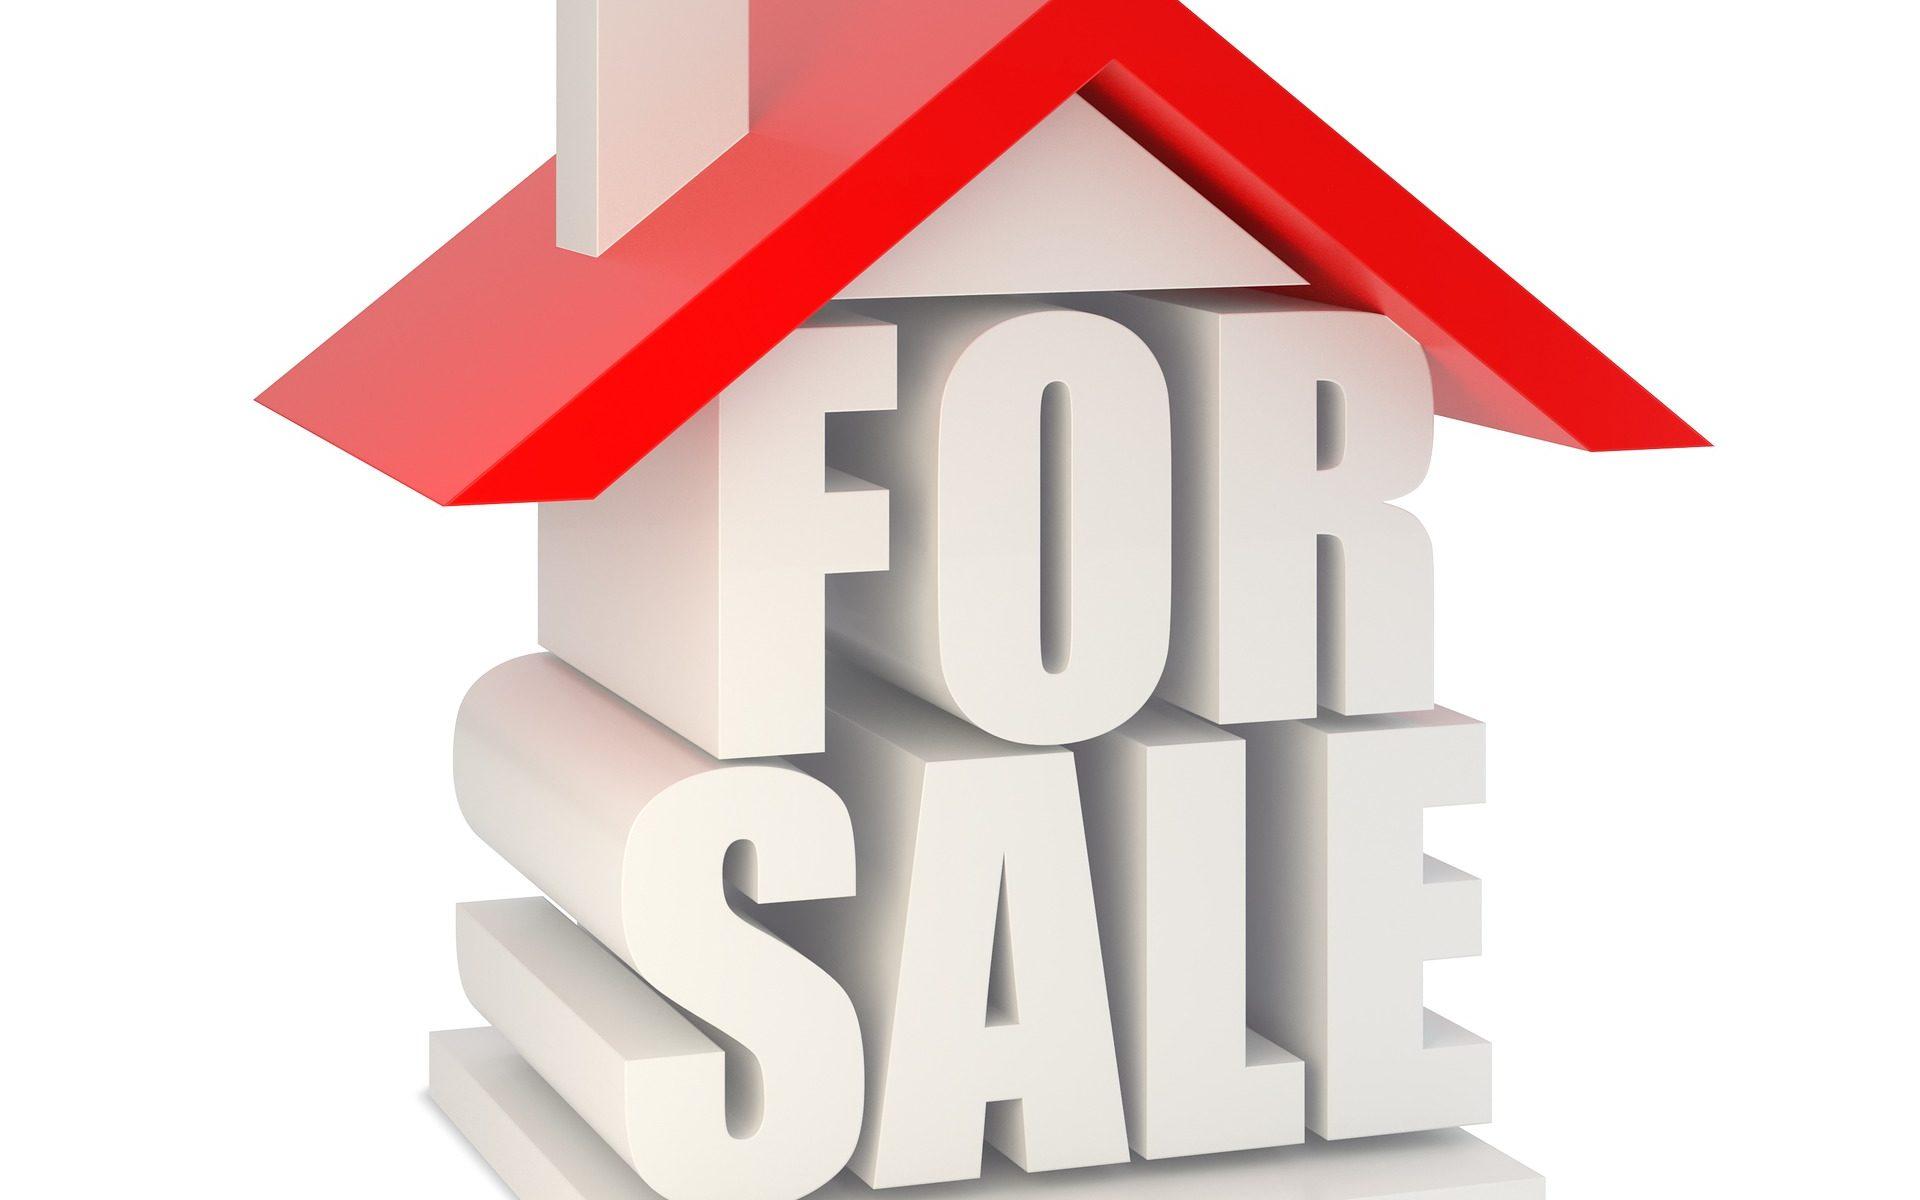 Vor dem Immobilienkauf unbedingt ein Wertgutachten einholen auf geldsparblogger.de